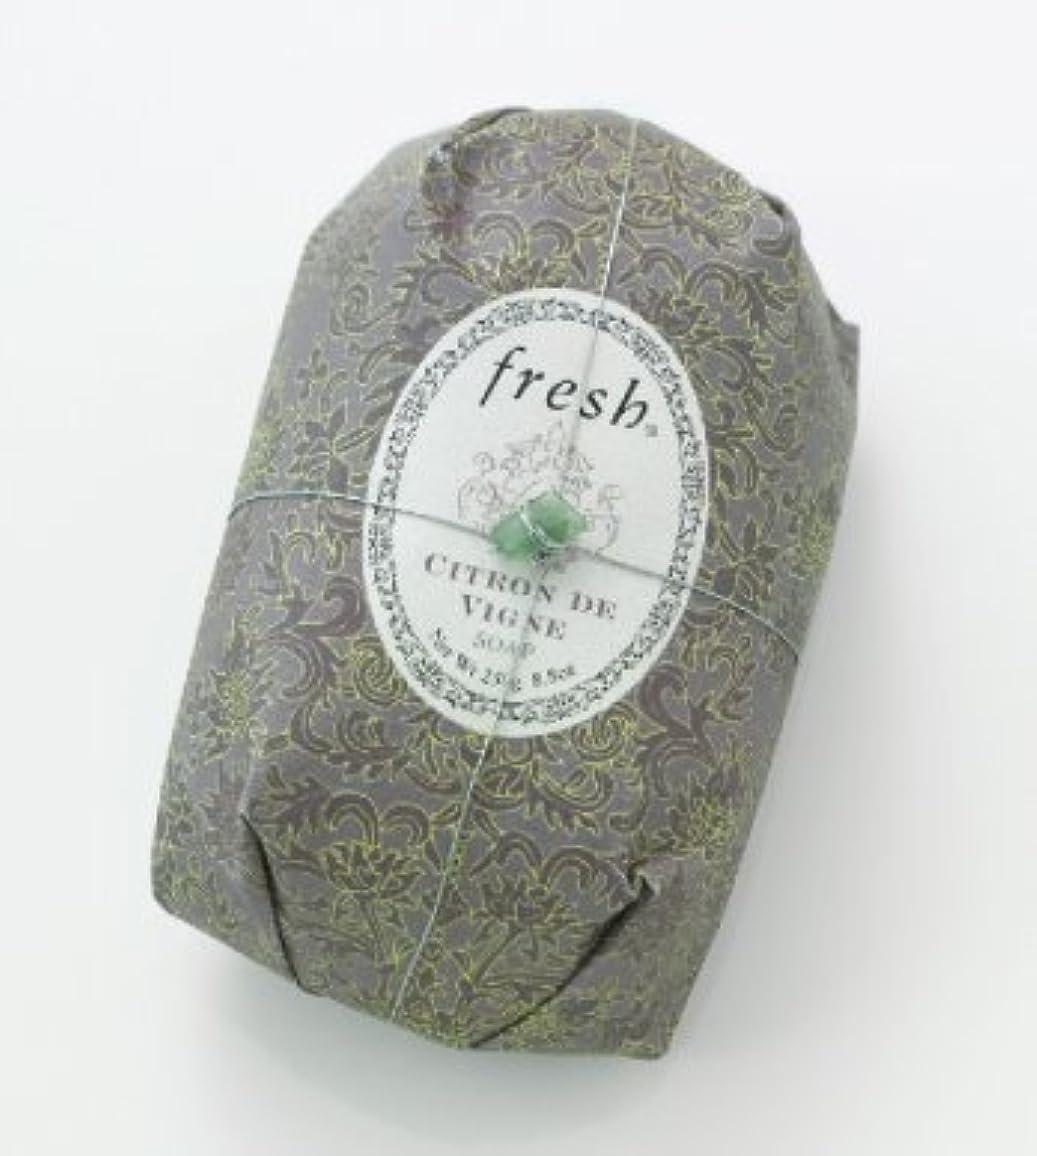 抽選明確に紀元前Fresh CITRON DE VIGNE SOAP (フレッシュ シトロンデヴァイン ソープ) 8.8 oz (250g) Soap (石鹸) by Fresh